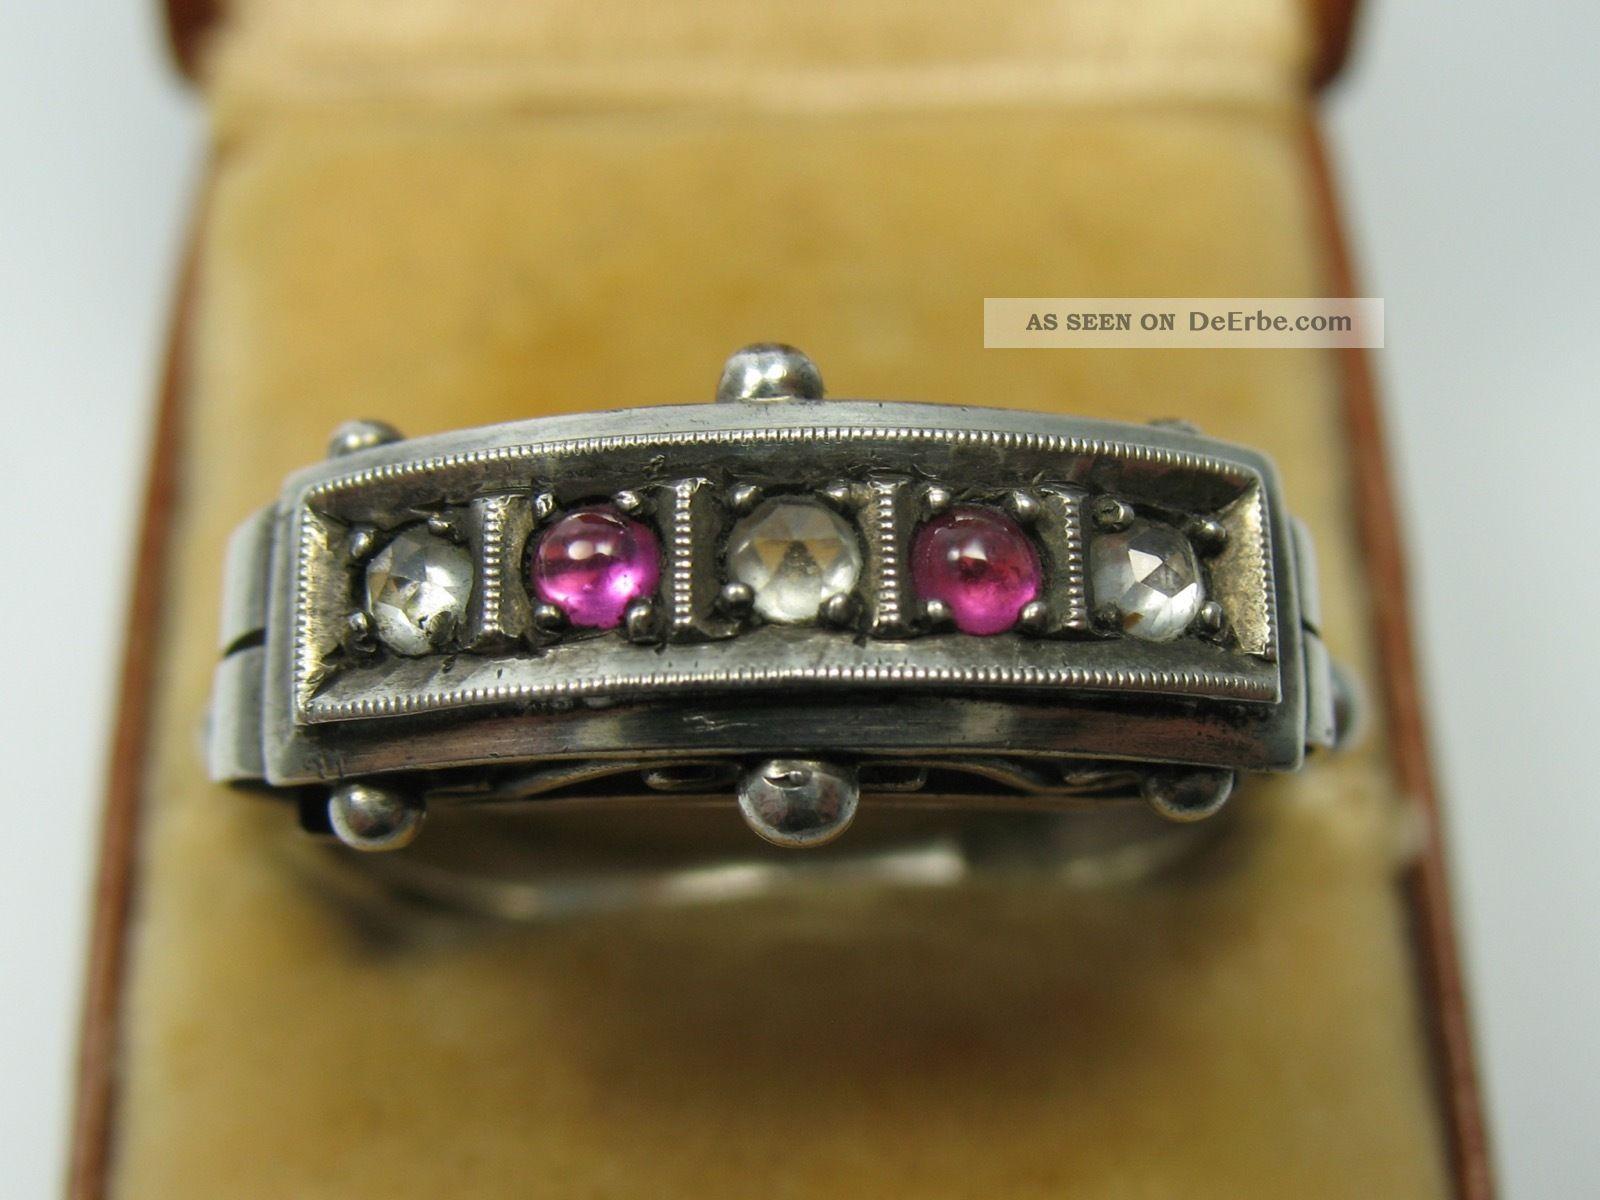 Sehr Schöner Alter Ring Aus 935 Silber Mit Weißen Und Rubinfarbenen Steinen Ringe Bild